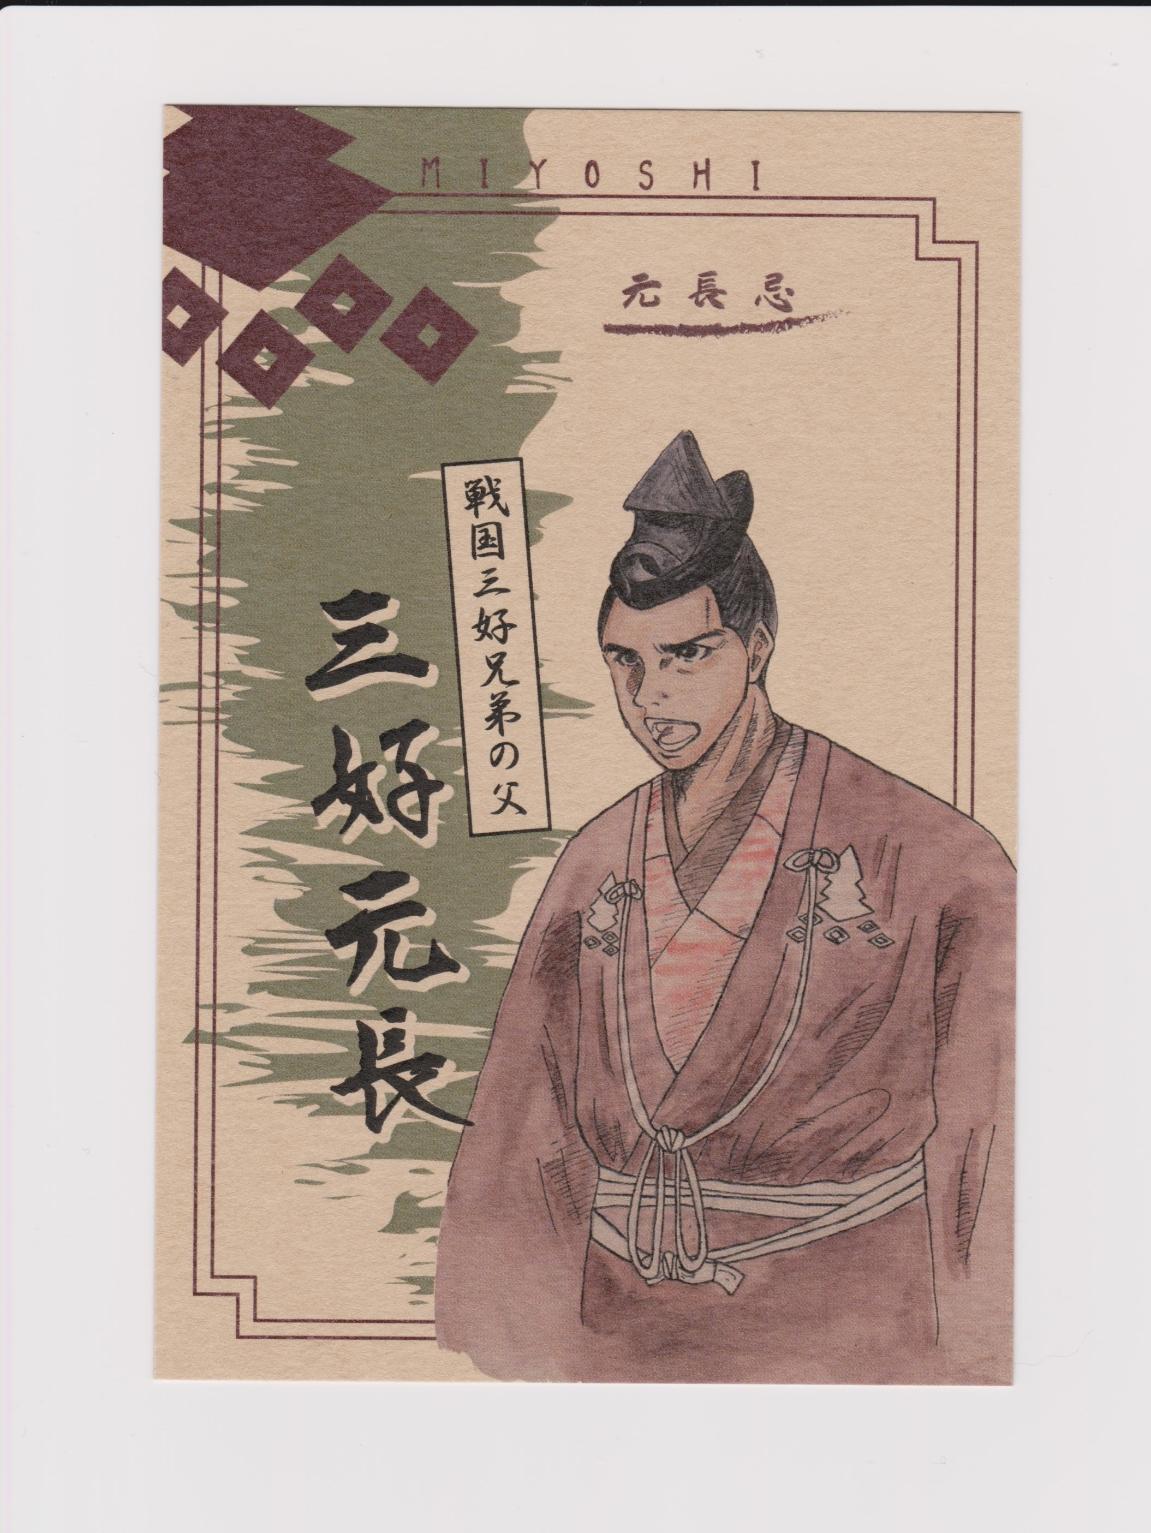 第6回元長忌 限定オリジナルポストカード